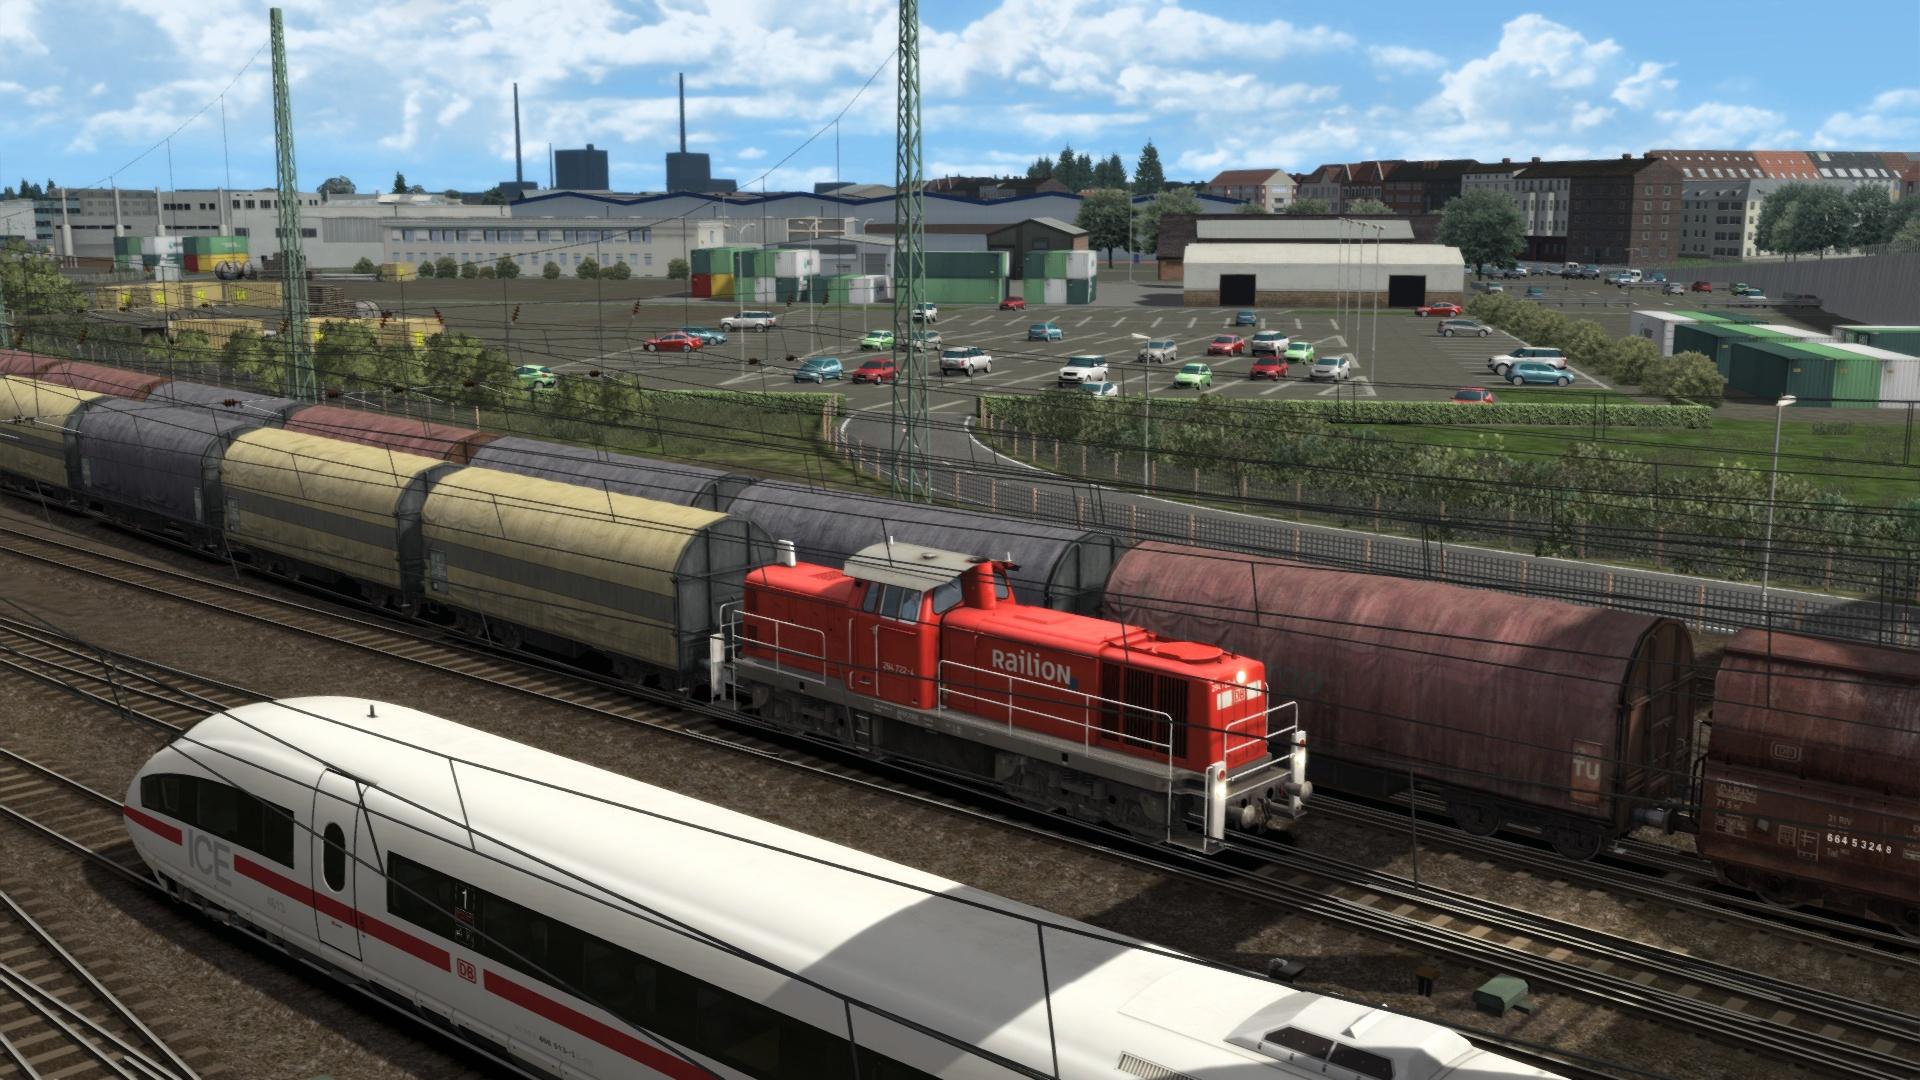 Train Simulator 2019 arrives on Steam